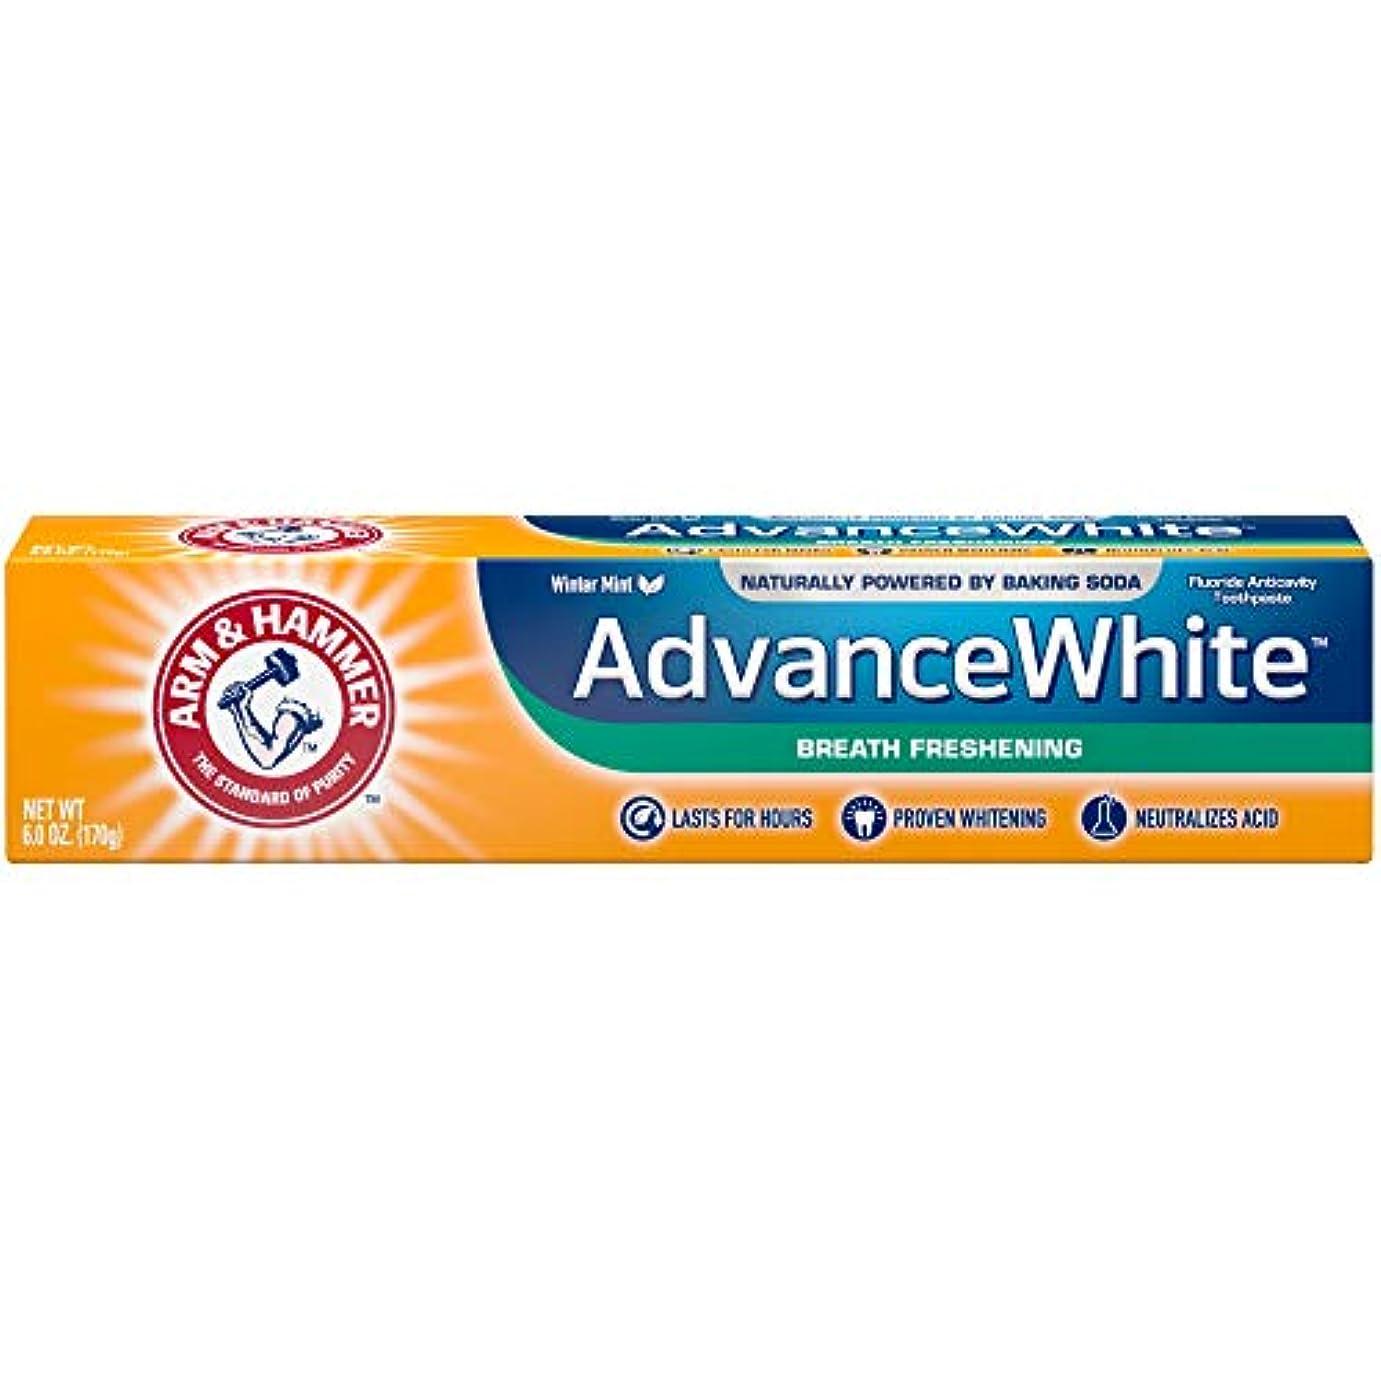 委員長マトロンボトルネックアーム&ハマー アドバンス ホワイト 歯磨き粉 ブレス フレッシュニング 170g Advance White Breath Freshing Baking Soda & Frosted Mint